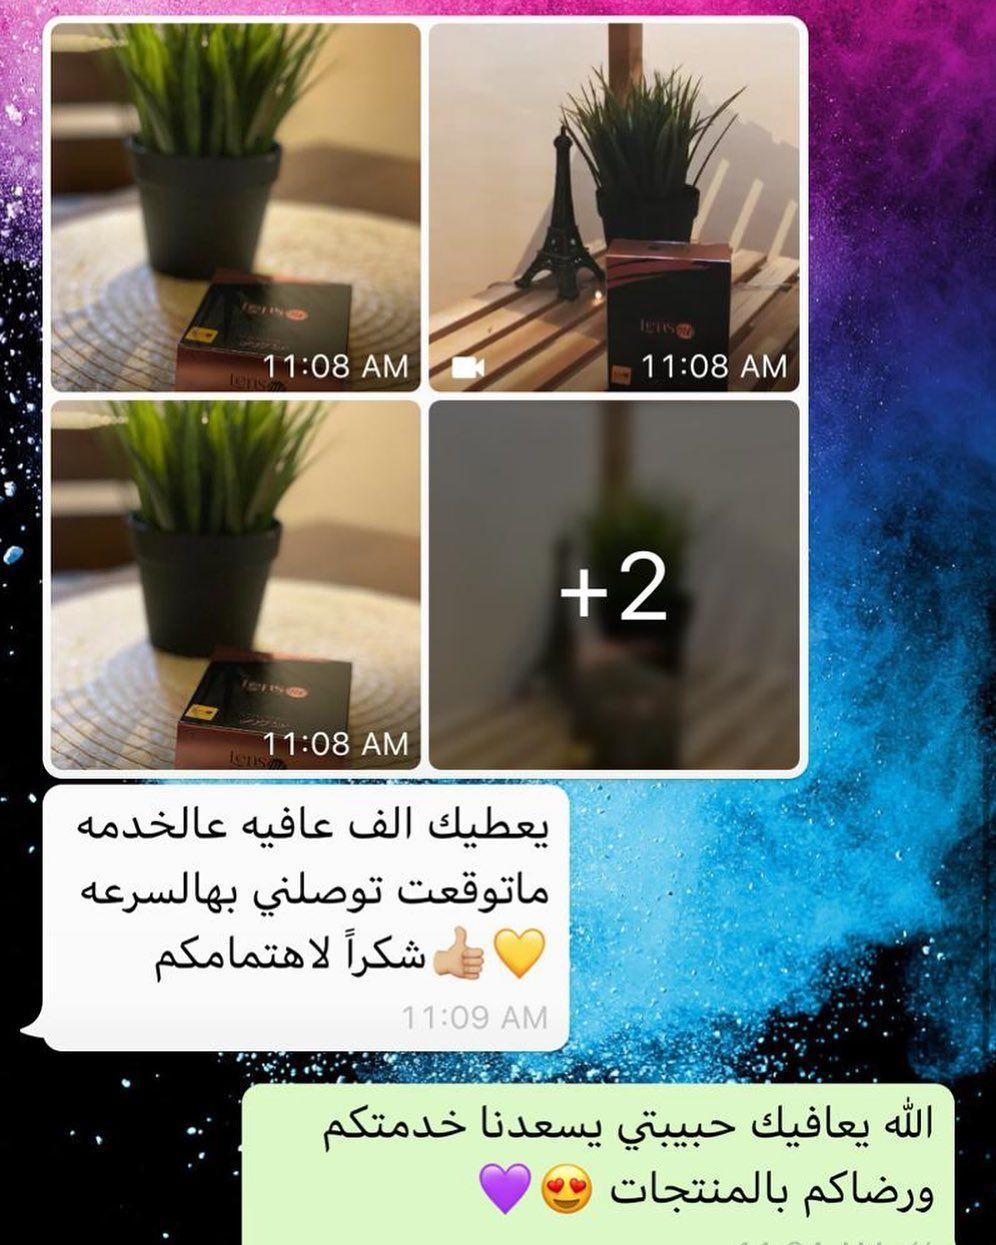 شعر دبي تسريحات تسريحة تصويري تصوير الدمام السعوديه سفر Makeup Wwl Lockscreen Screenshot